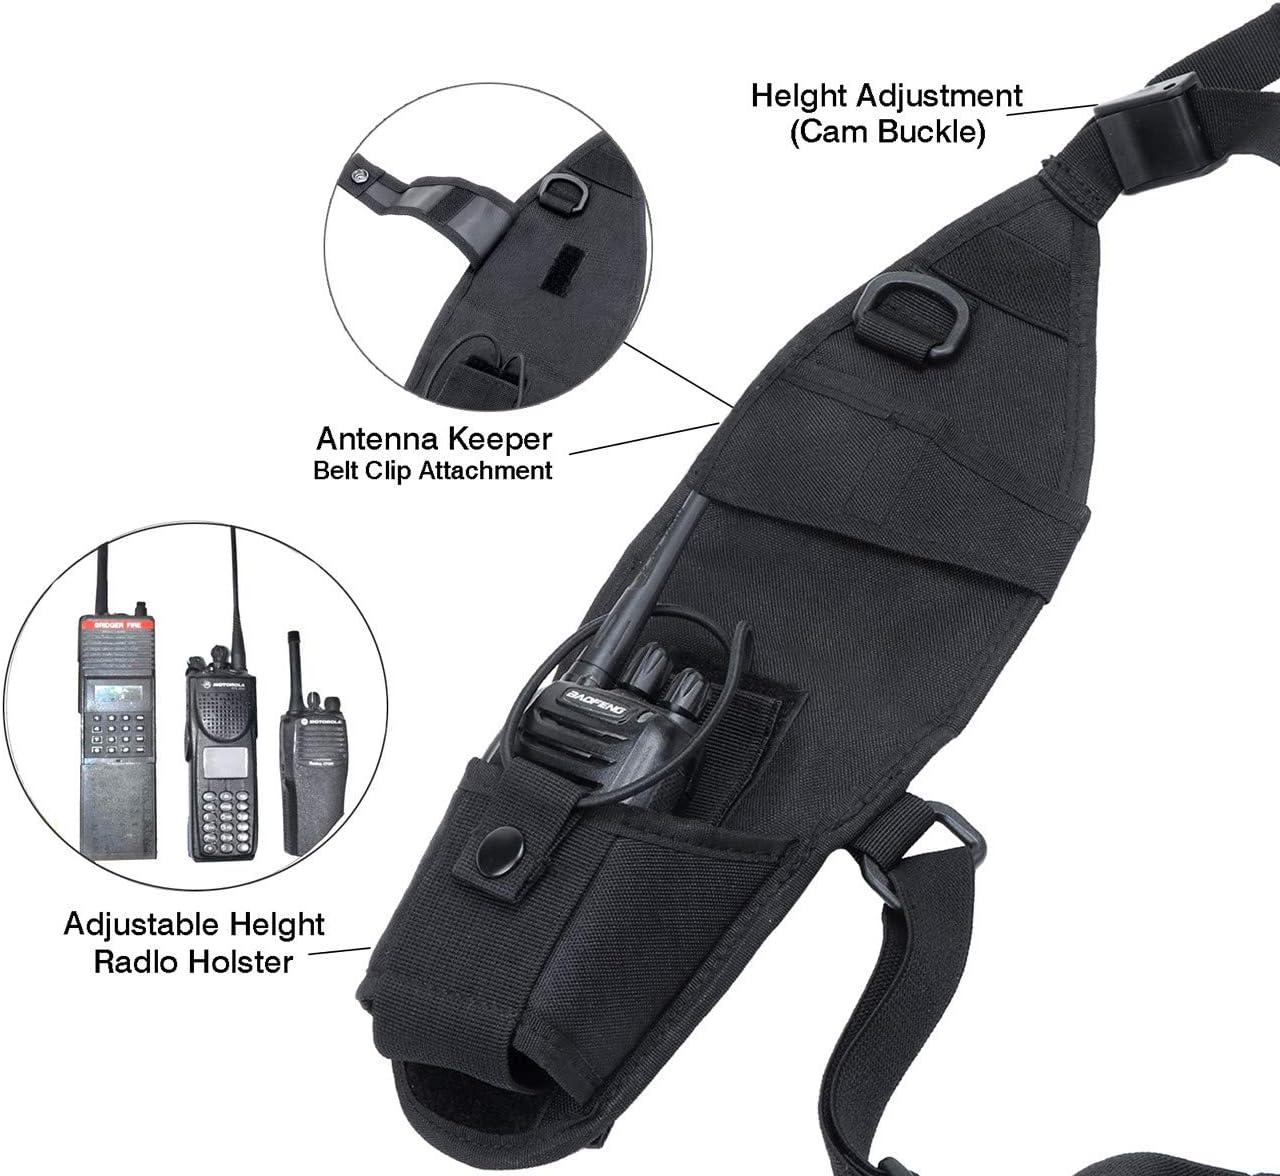 Radioswap /Étui de transport et harnais de poitrine compatible avec toutes les radios bidirectionnelles Icom